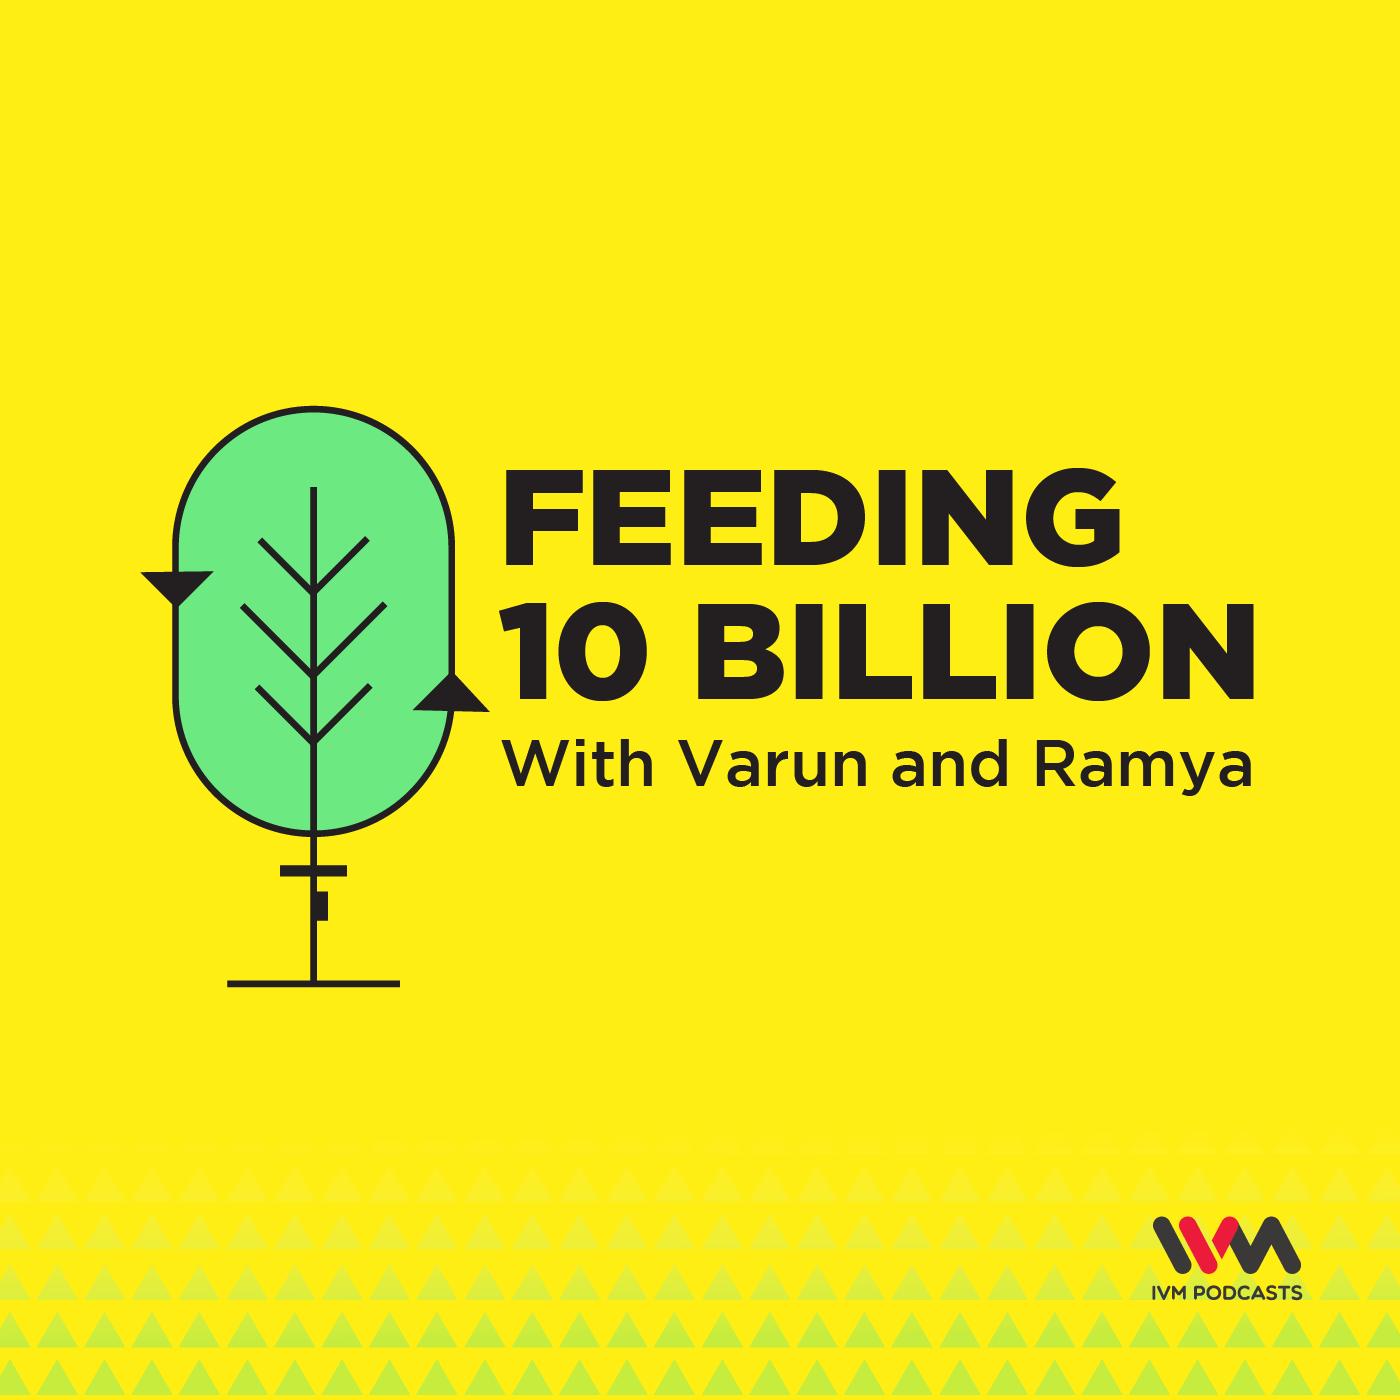 Feeding 10 Billion |